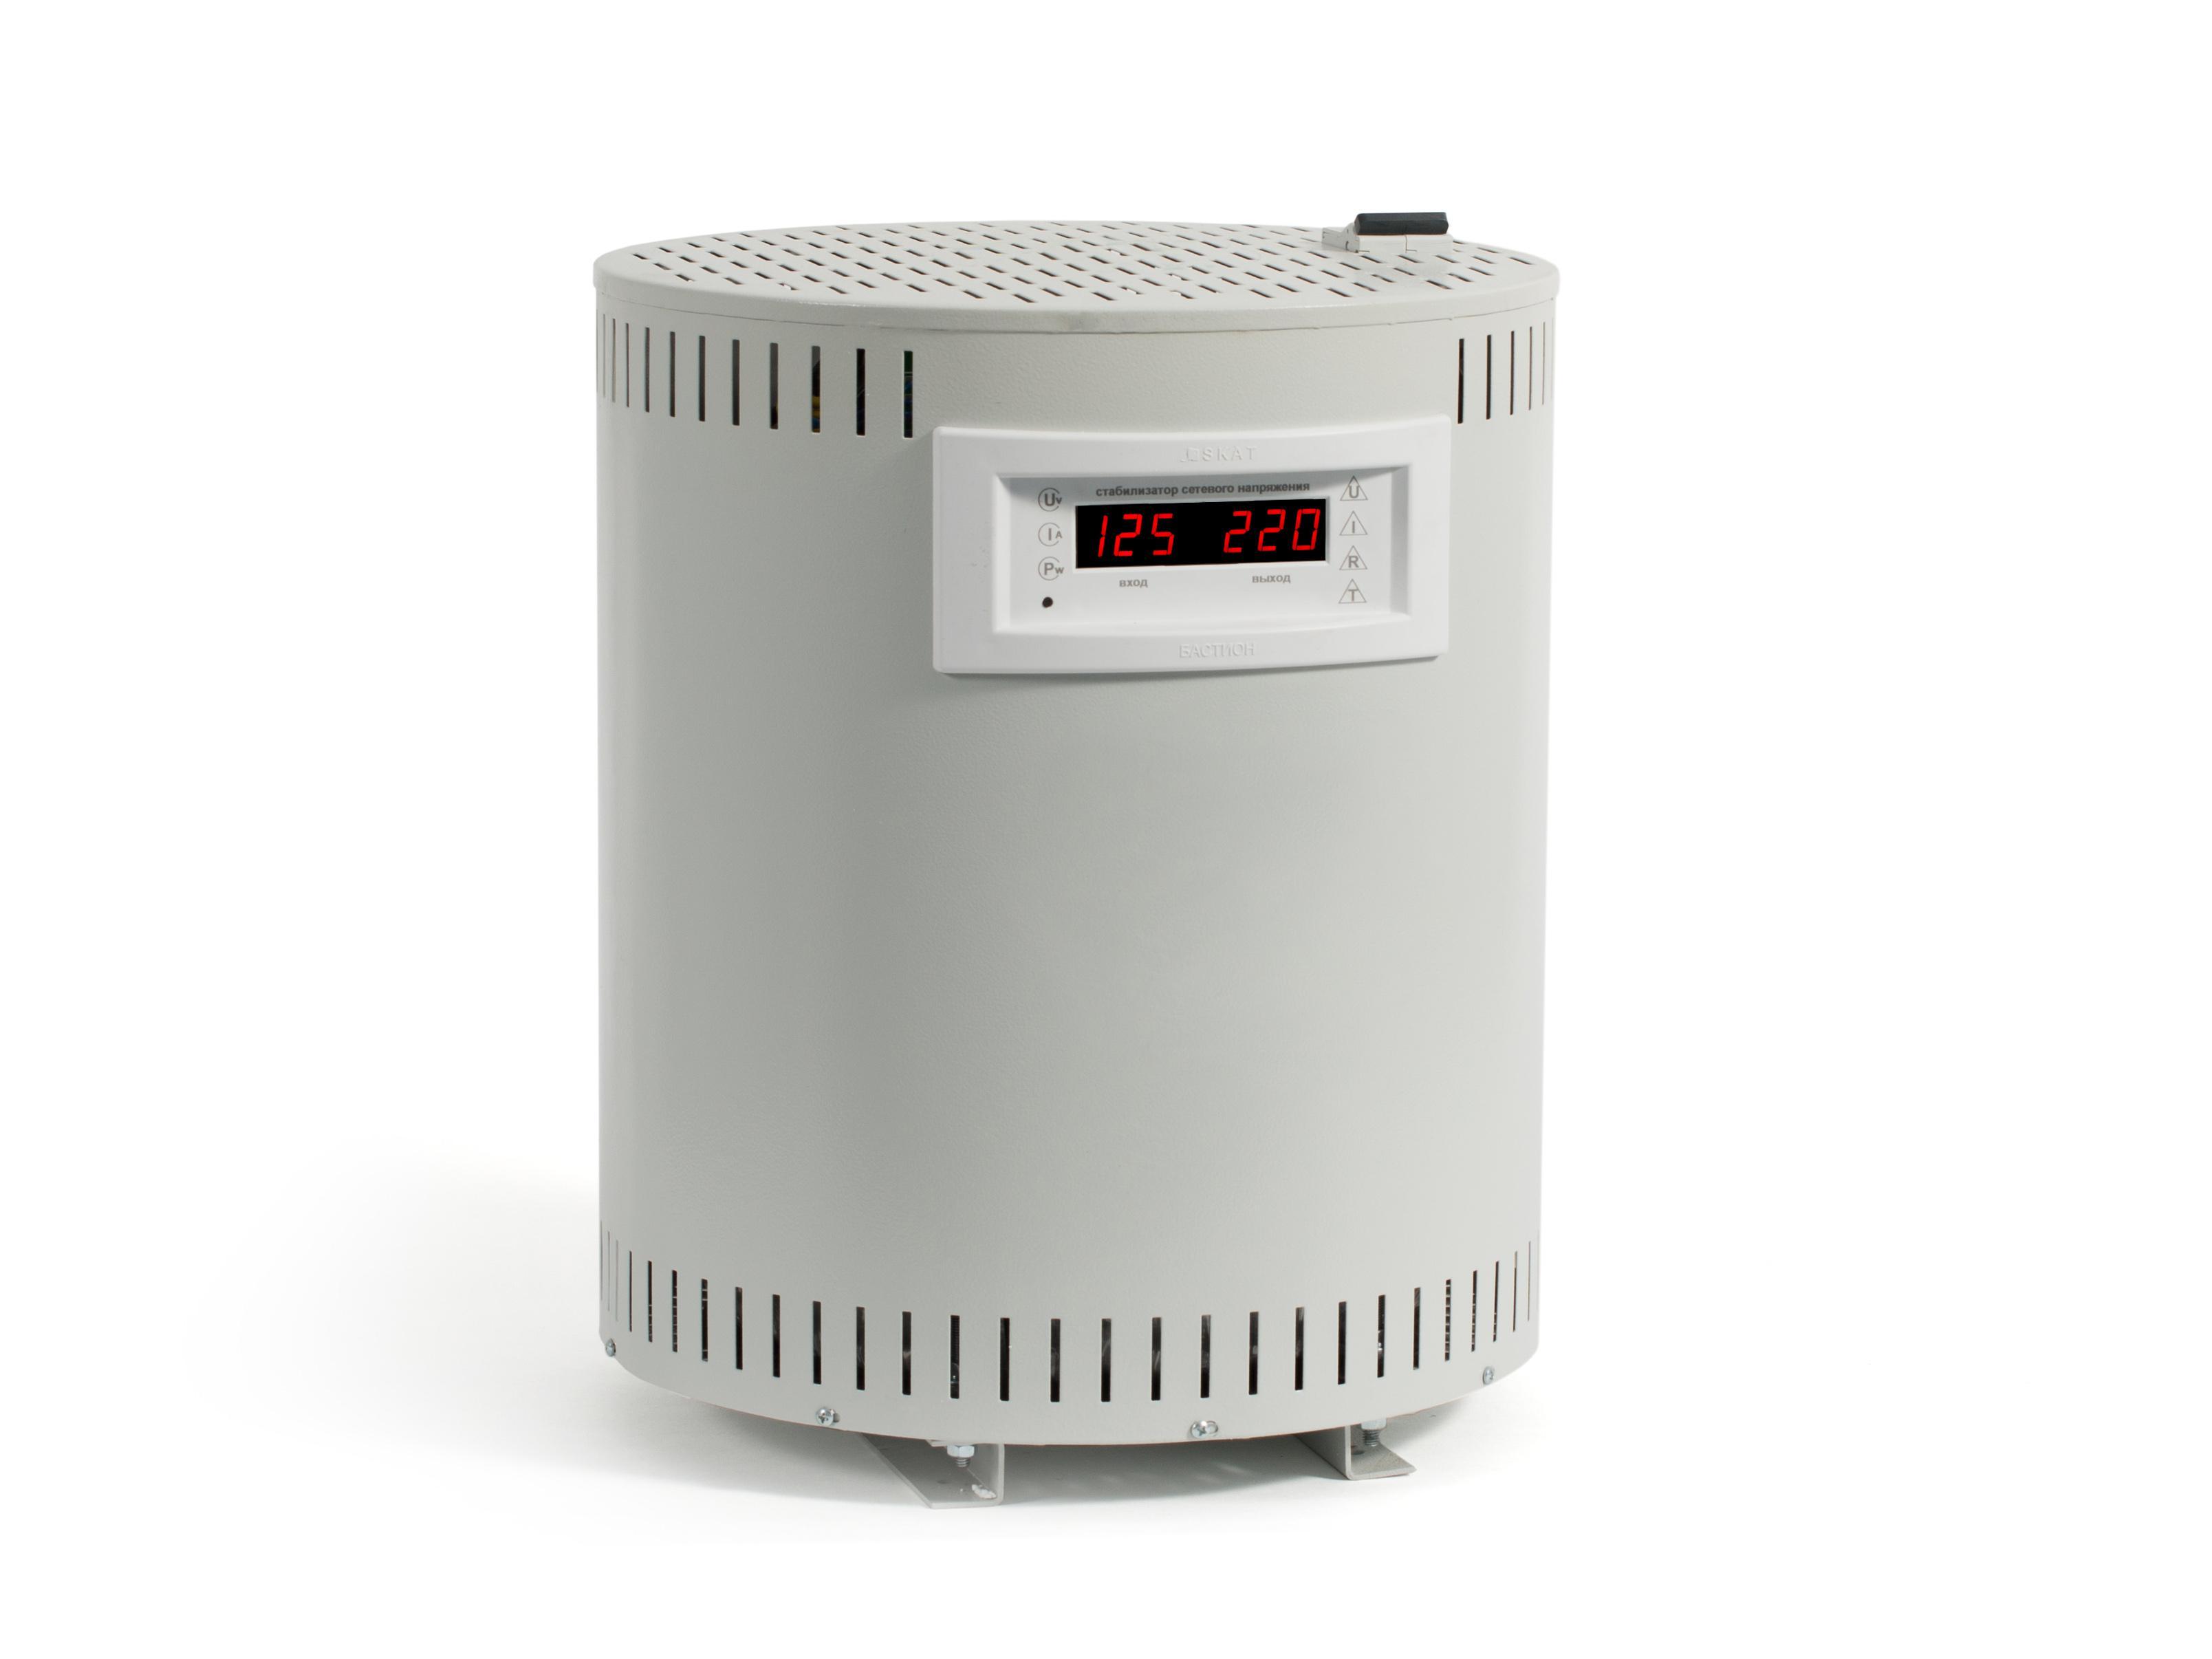 Стабилизатор Teplocom Skat stm-20000